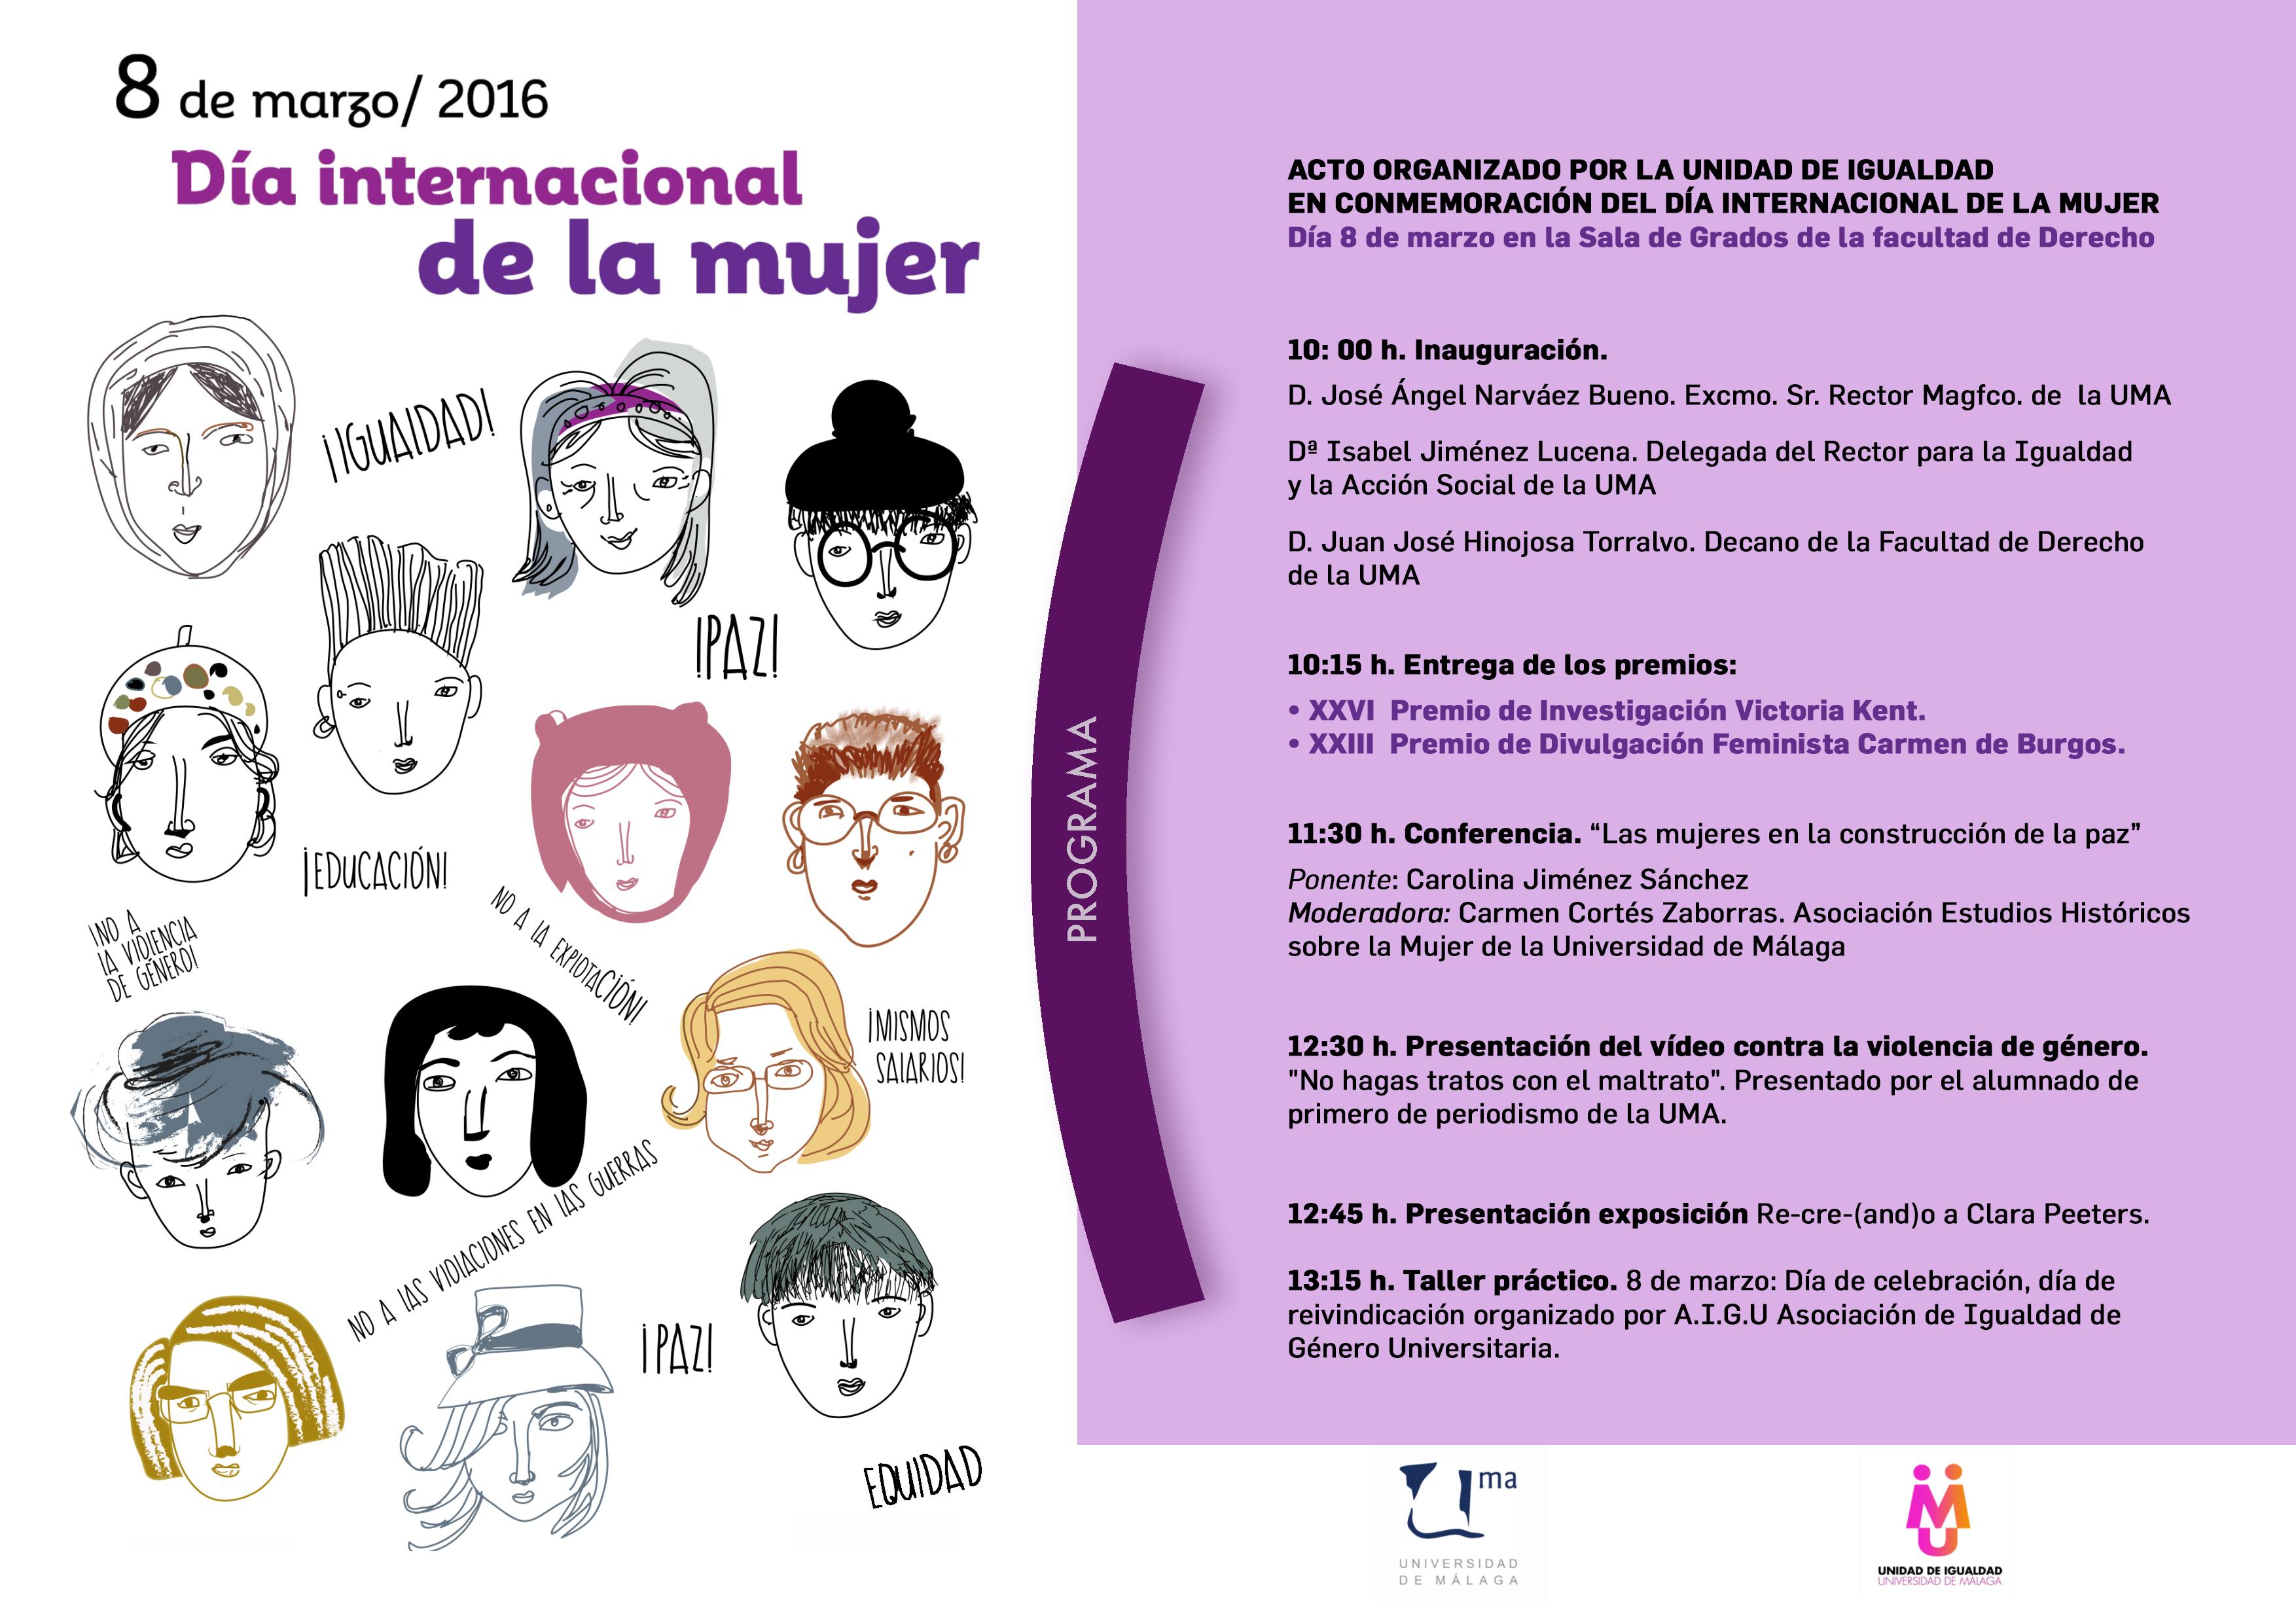 Día Internacional de la Mujer 2016 (Universidad de Málaga)